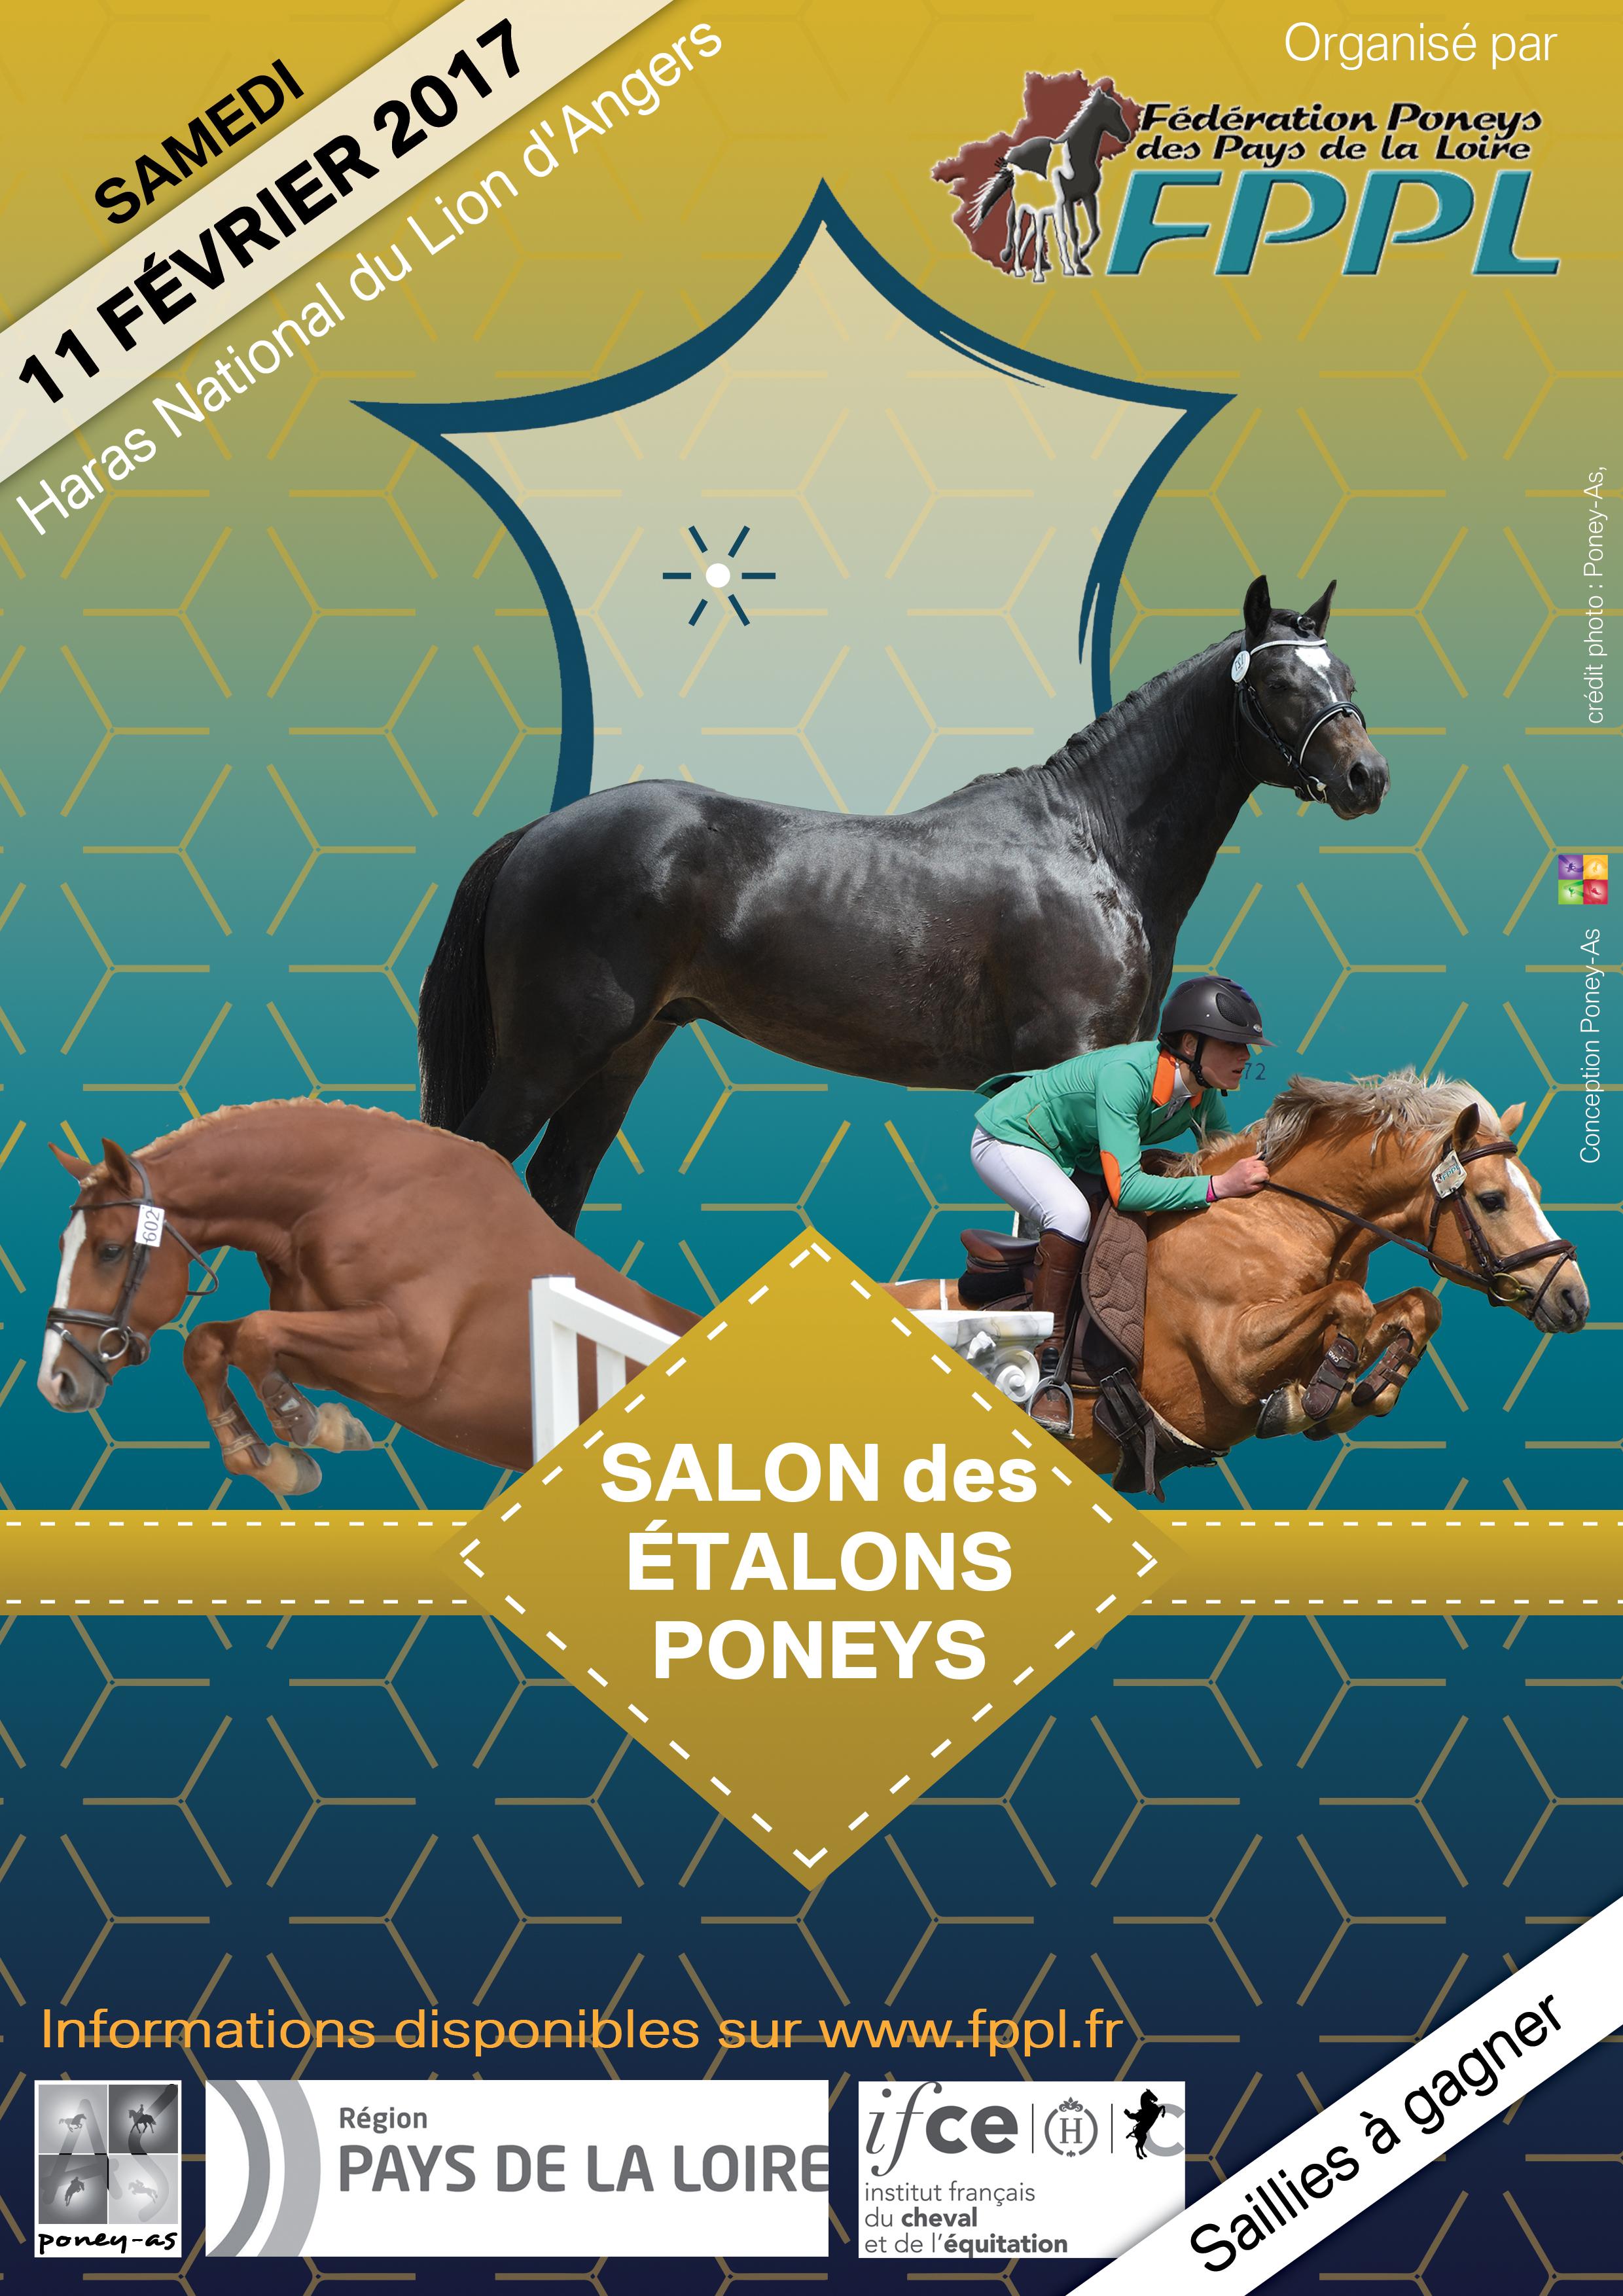 Salon des talons poneys du lion d angers dition 2017 for Salon du cheval angers 2017